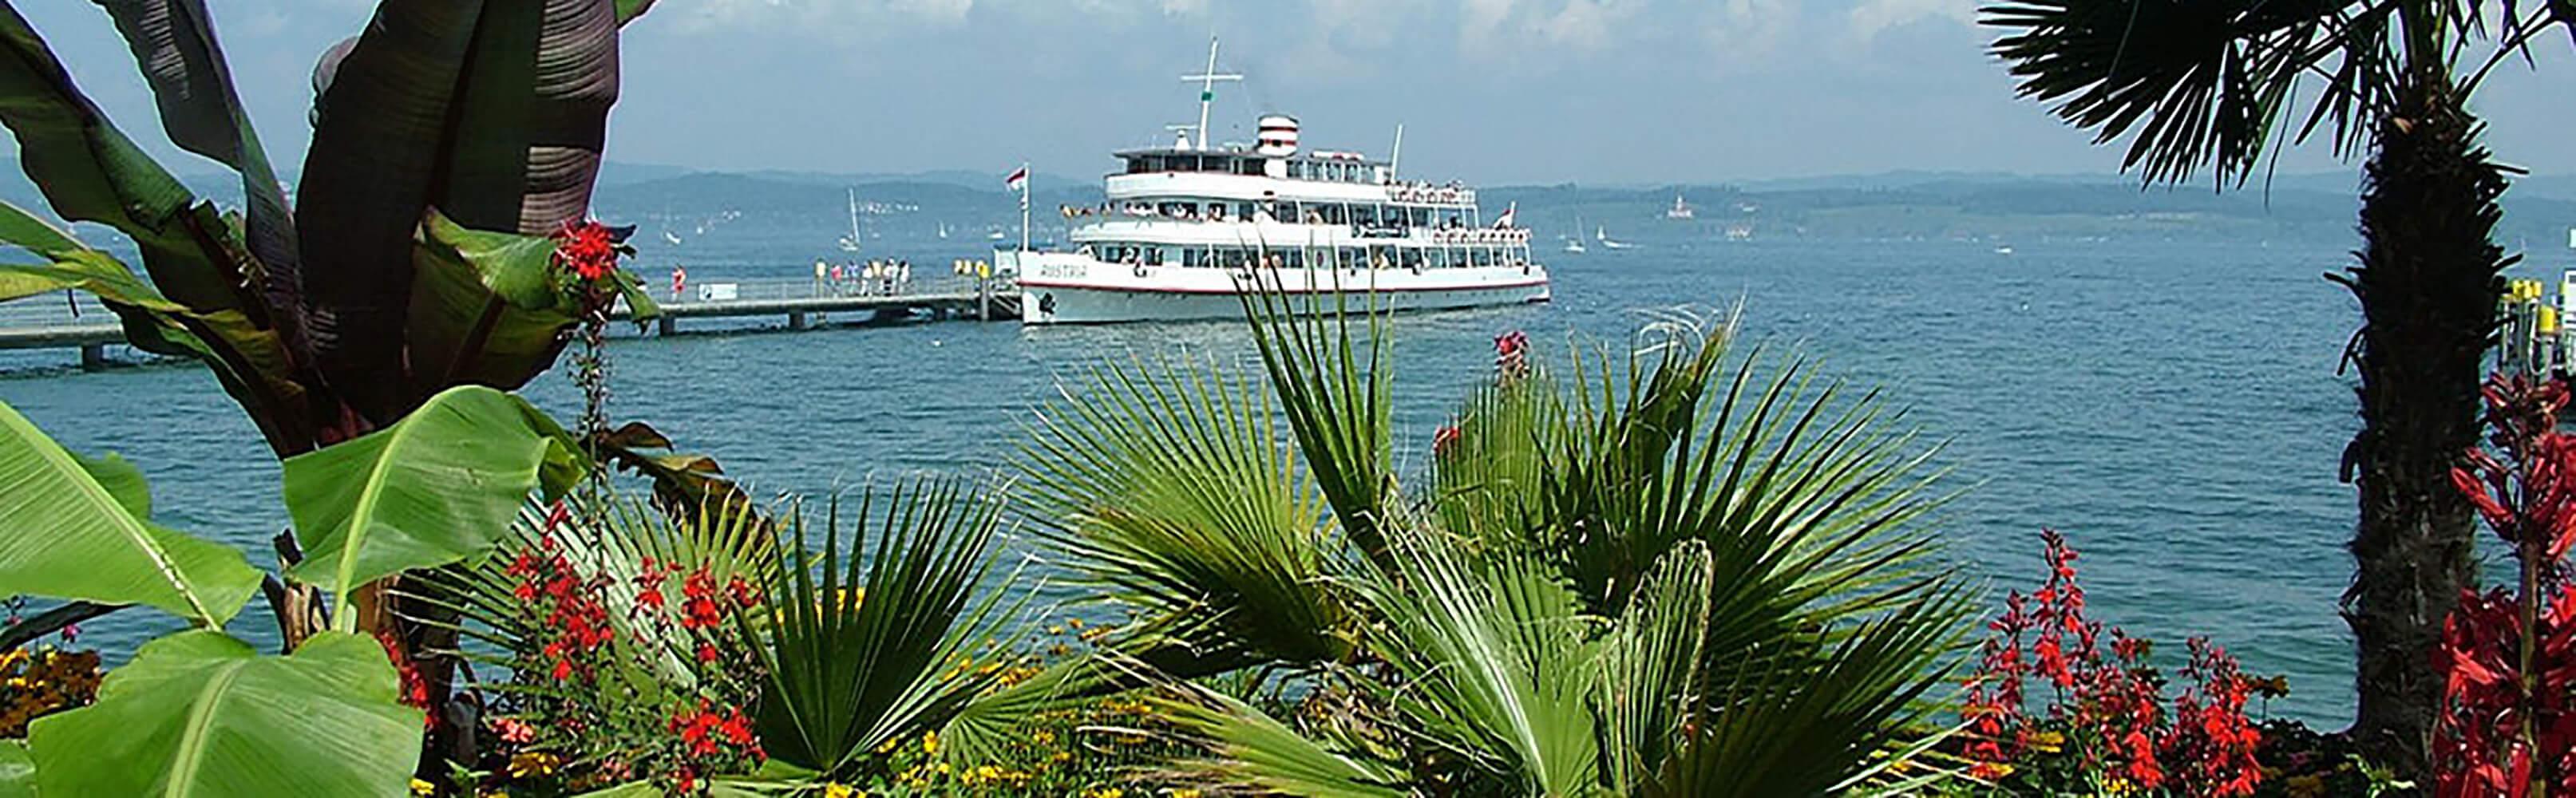 Insel Mainau - Die Blumeninsel im Bodensee 1